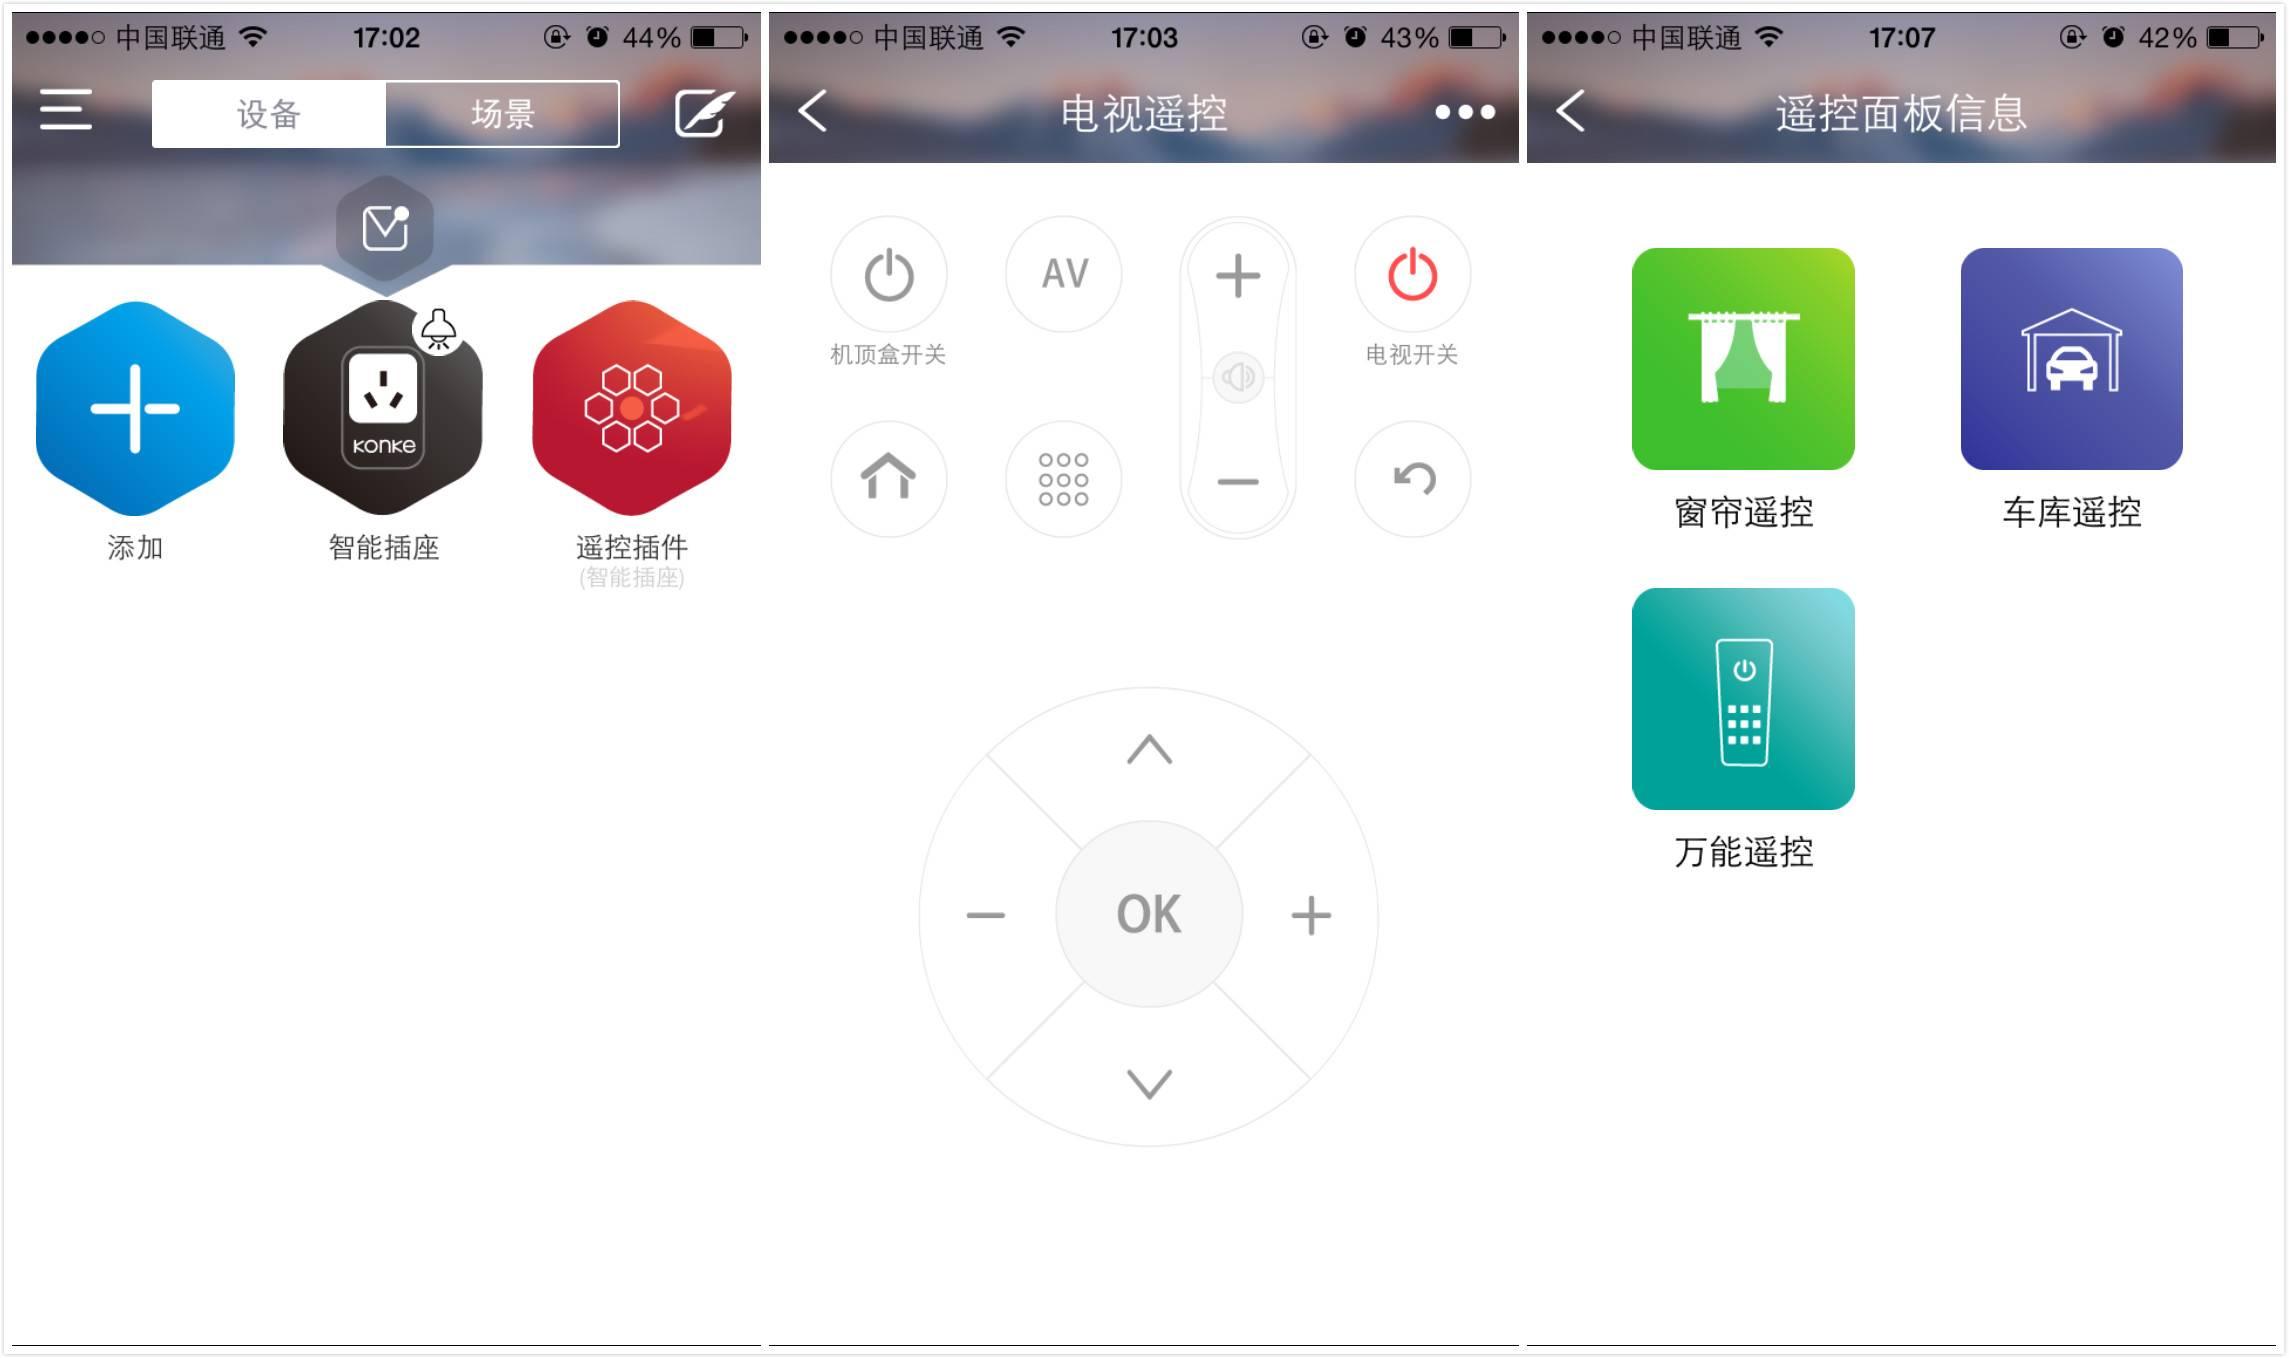 xiao-k-2-review-3